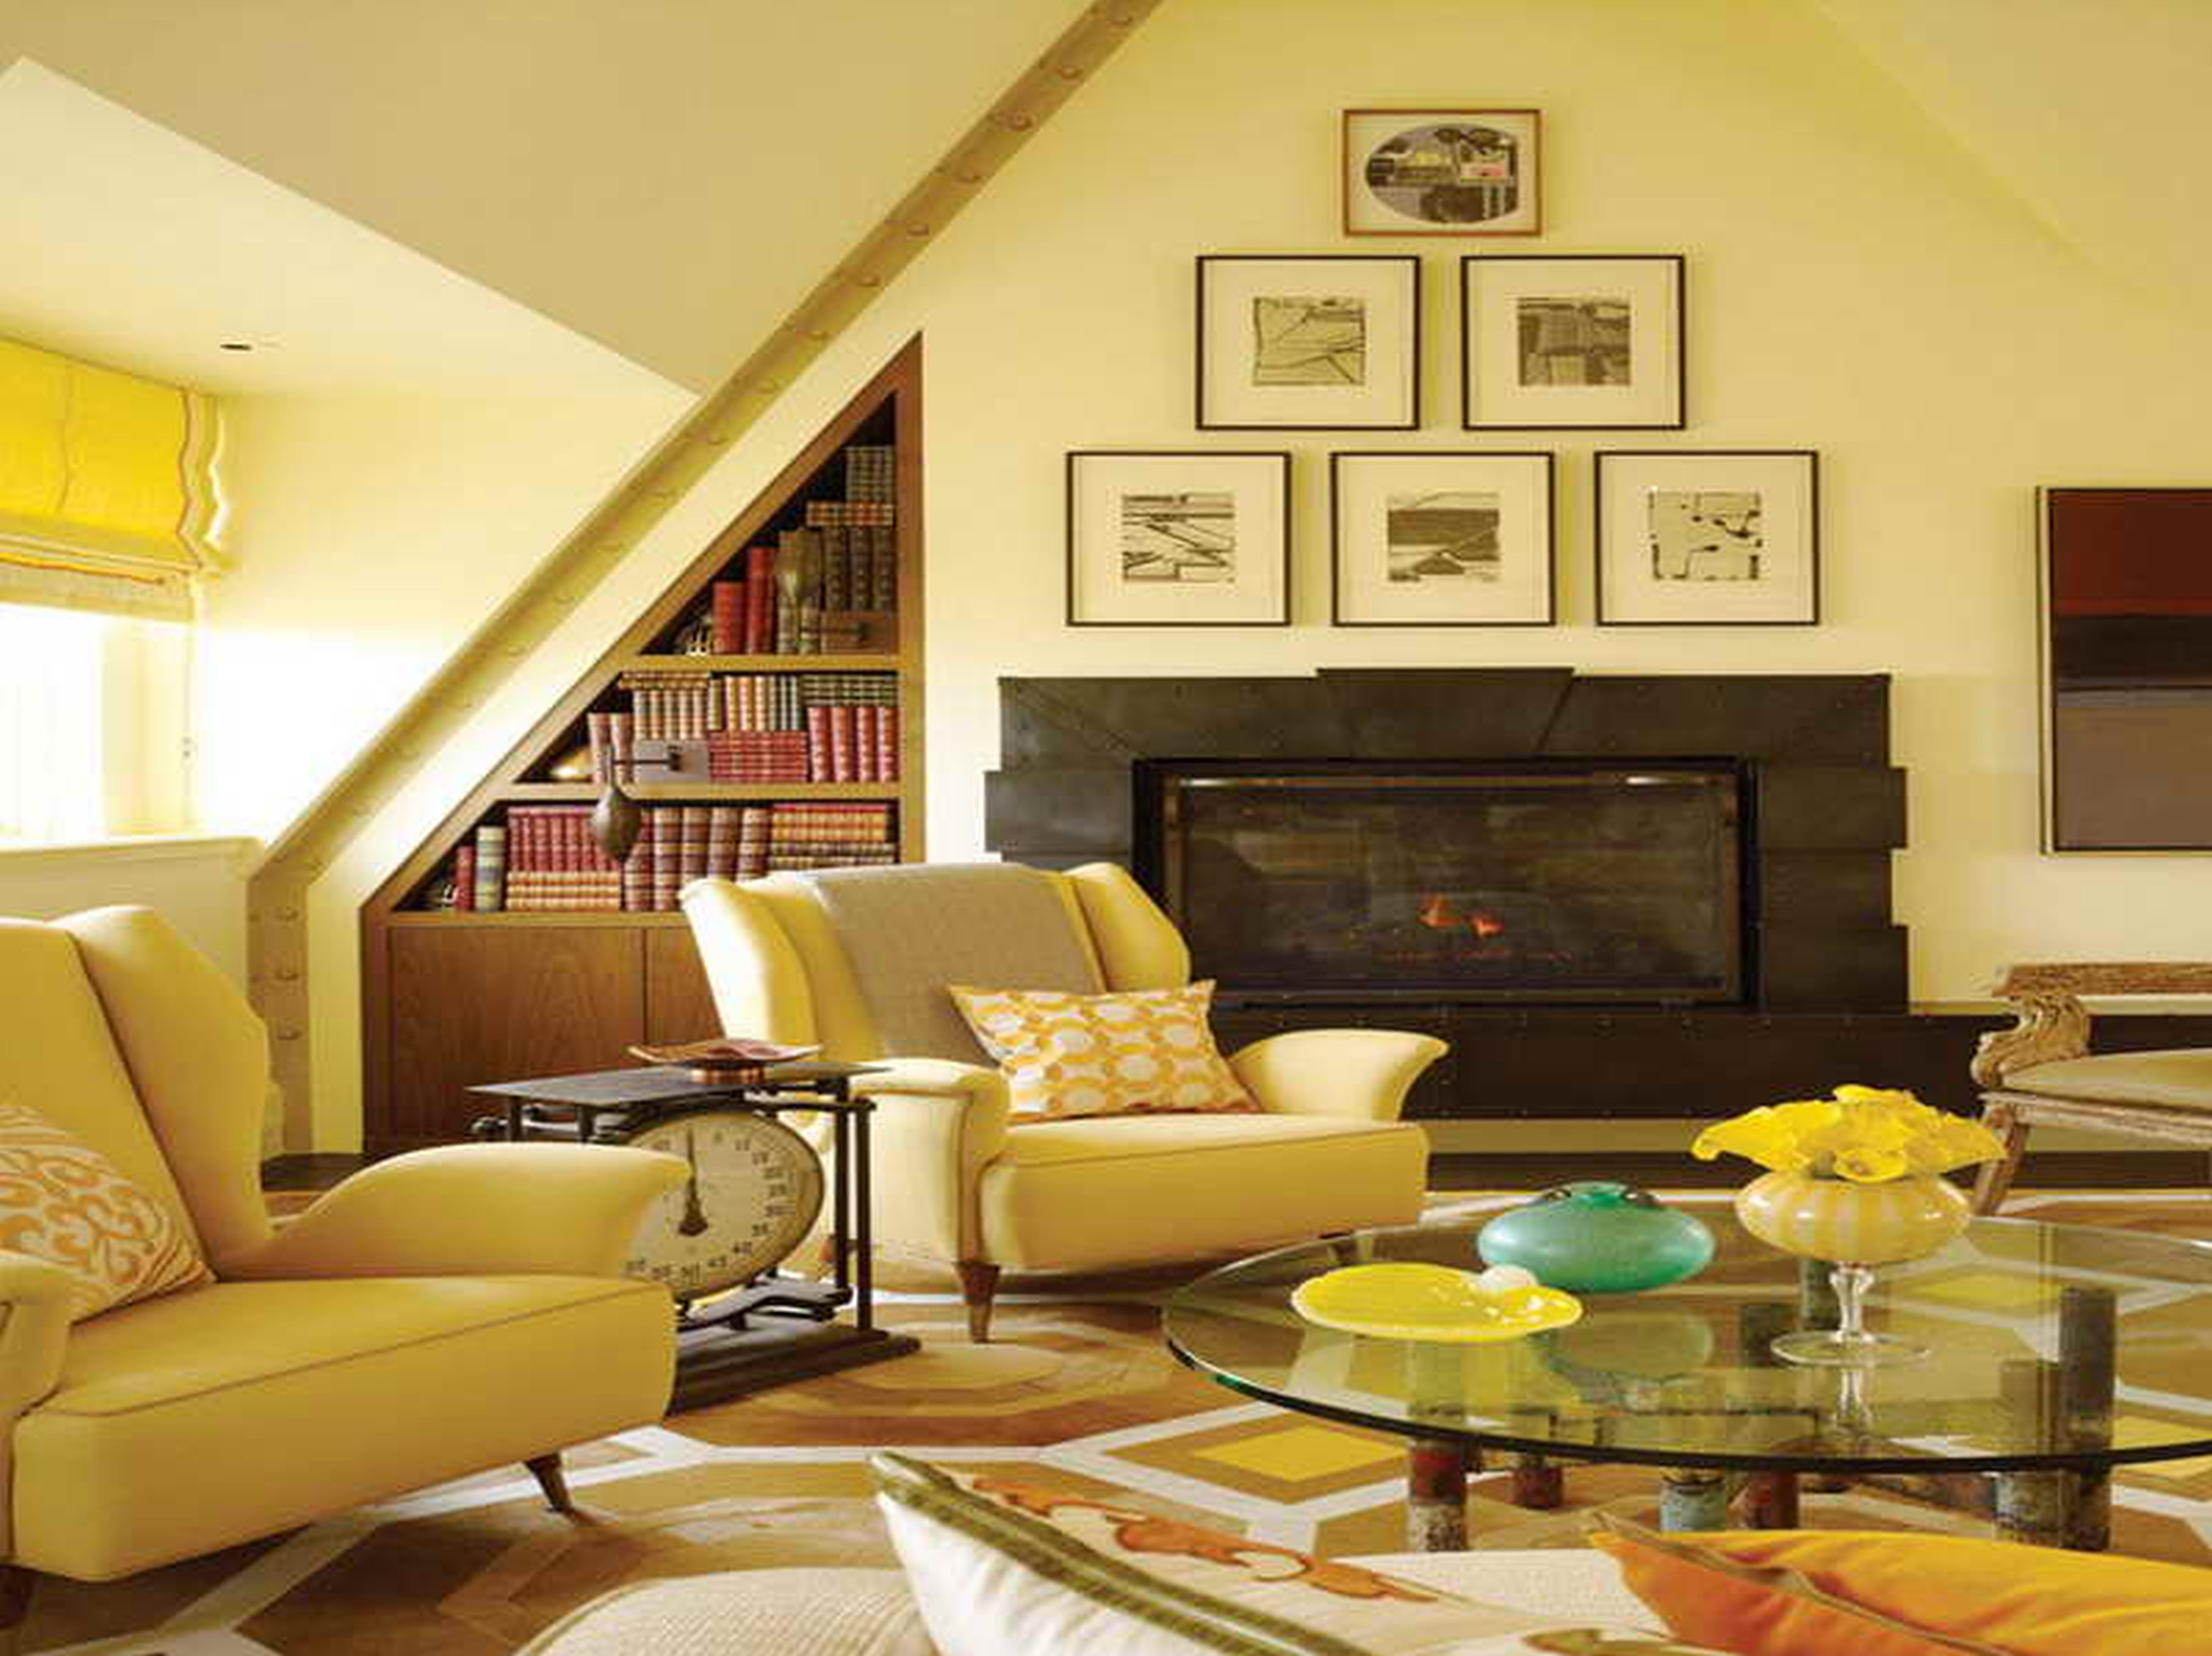 eclectic interior design | Interior Design